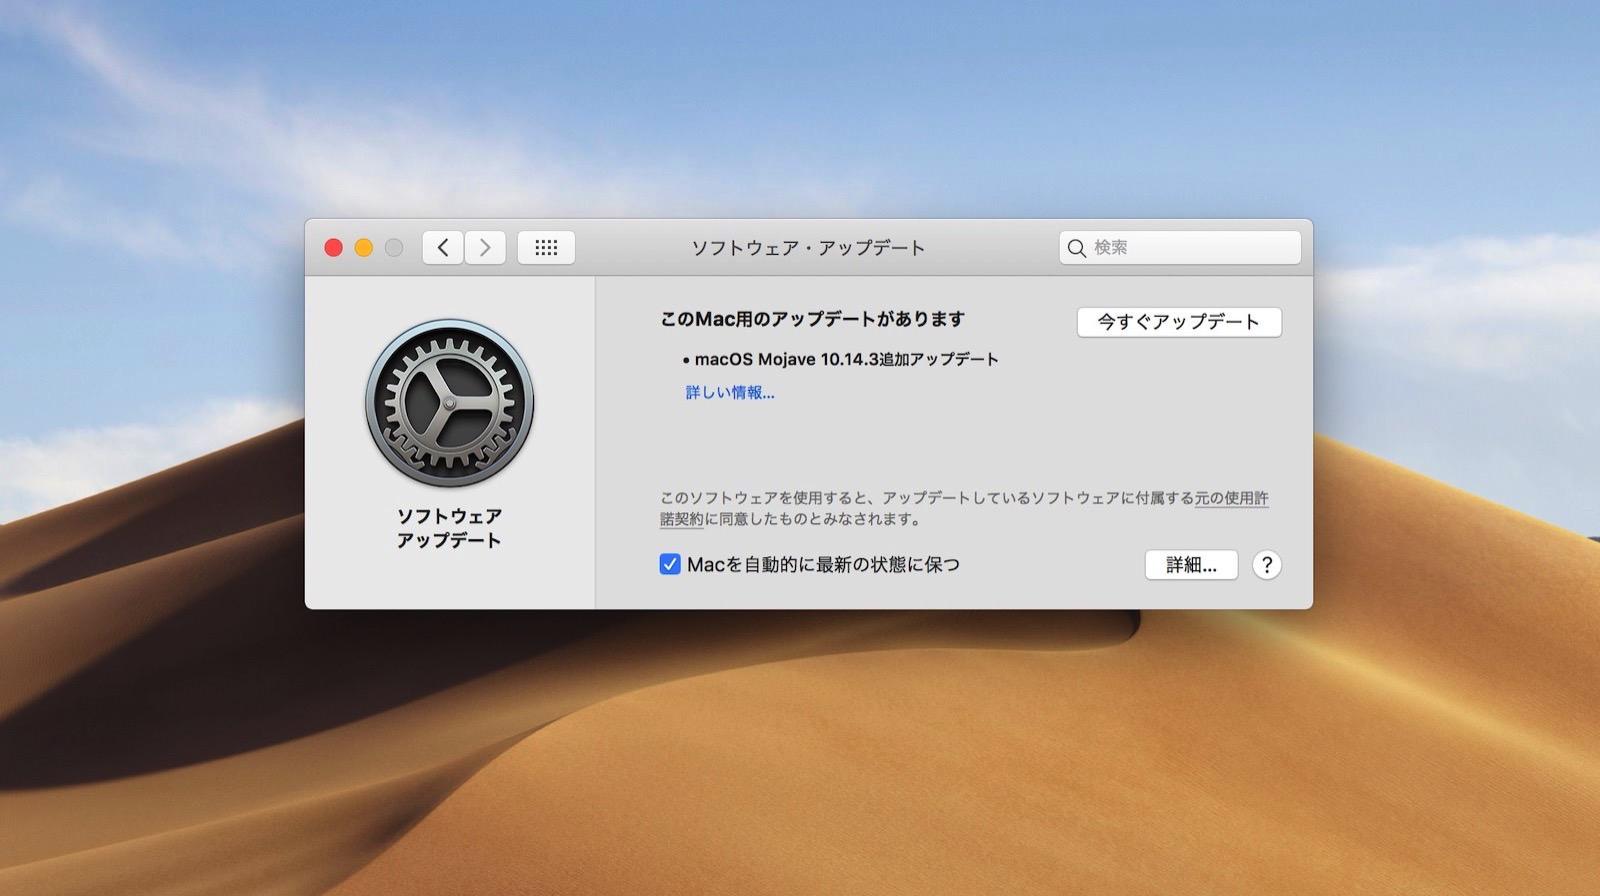 macos_mojave-10_14_3-update.jpg